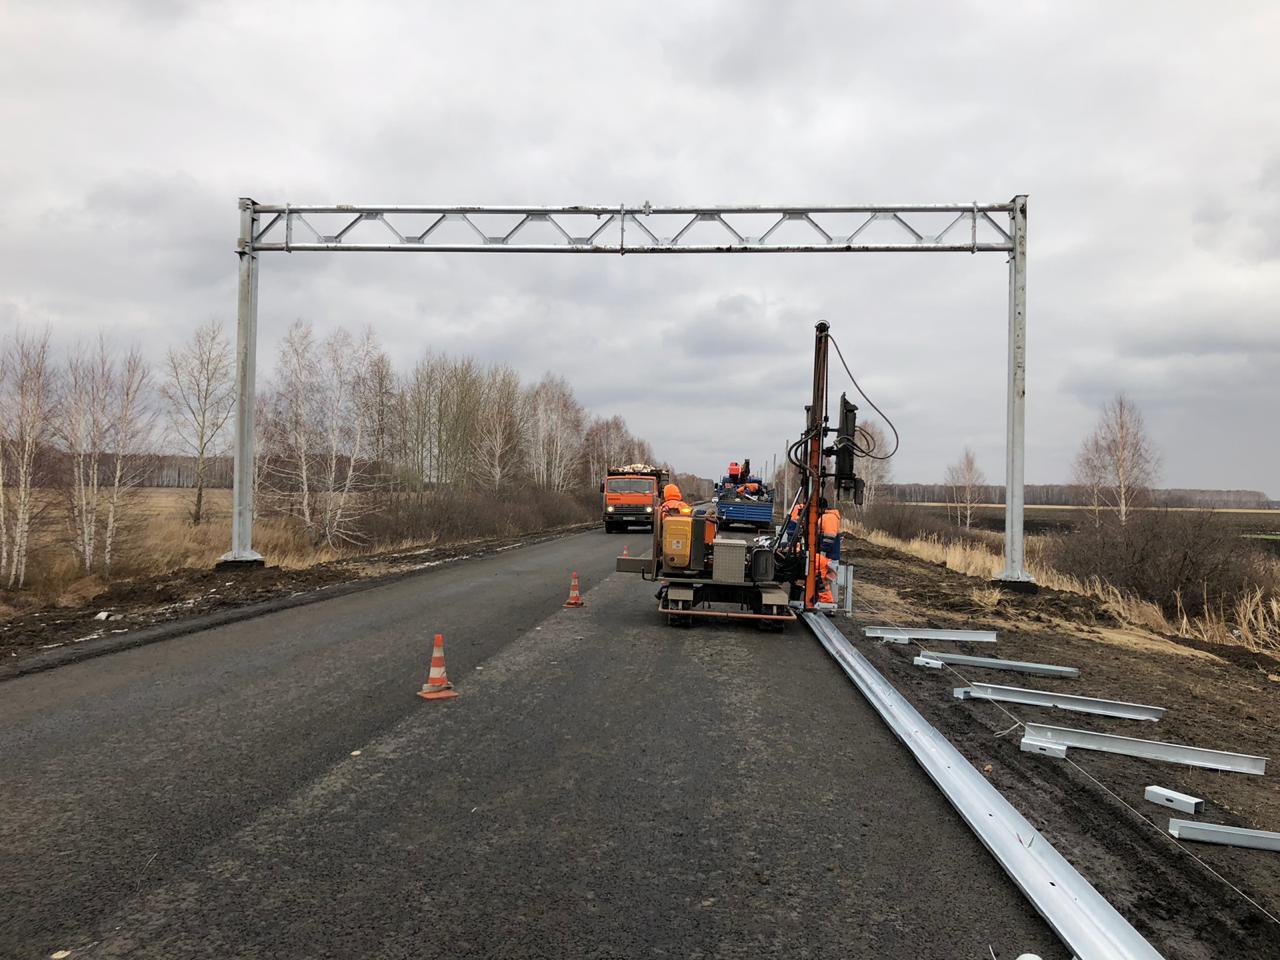 На дорогах Омской области установят еще 7 пунктов весогабаритного контроля #Новости #Общество #Омск